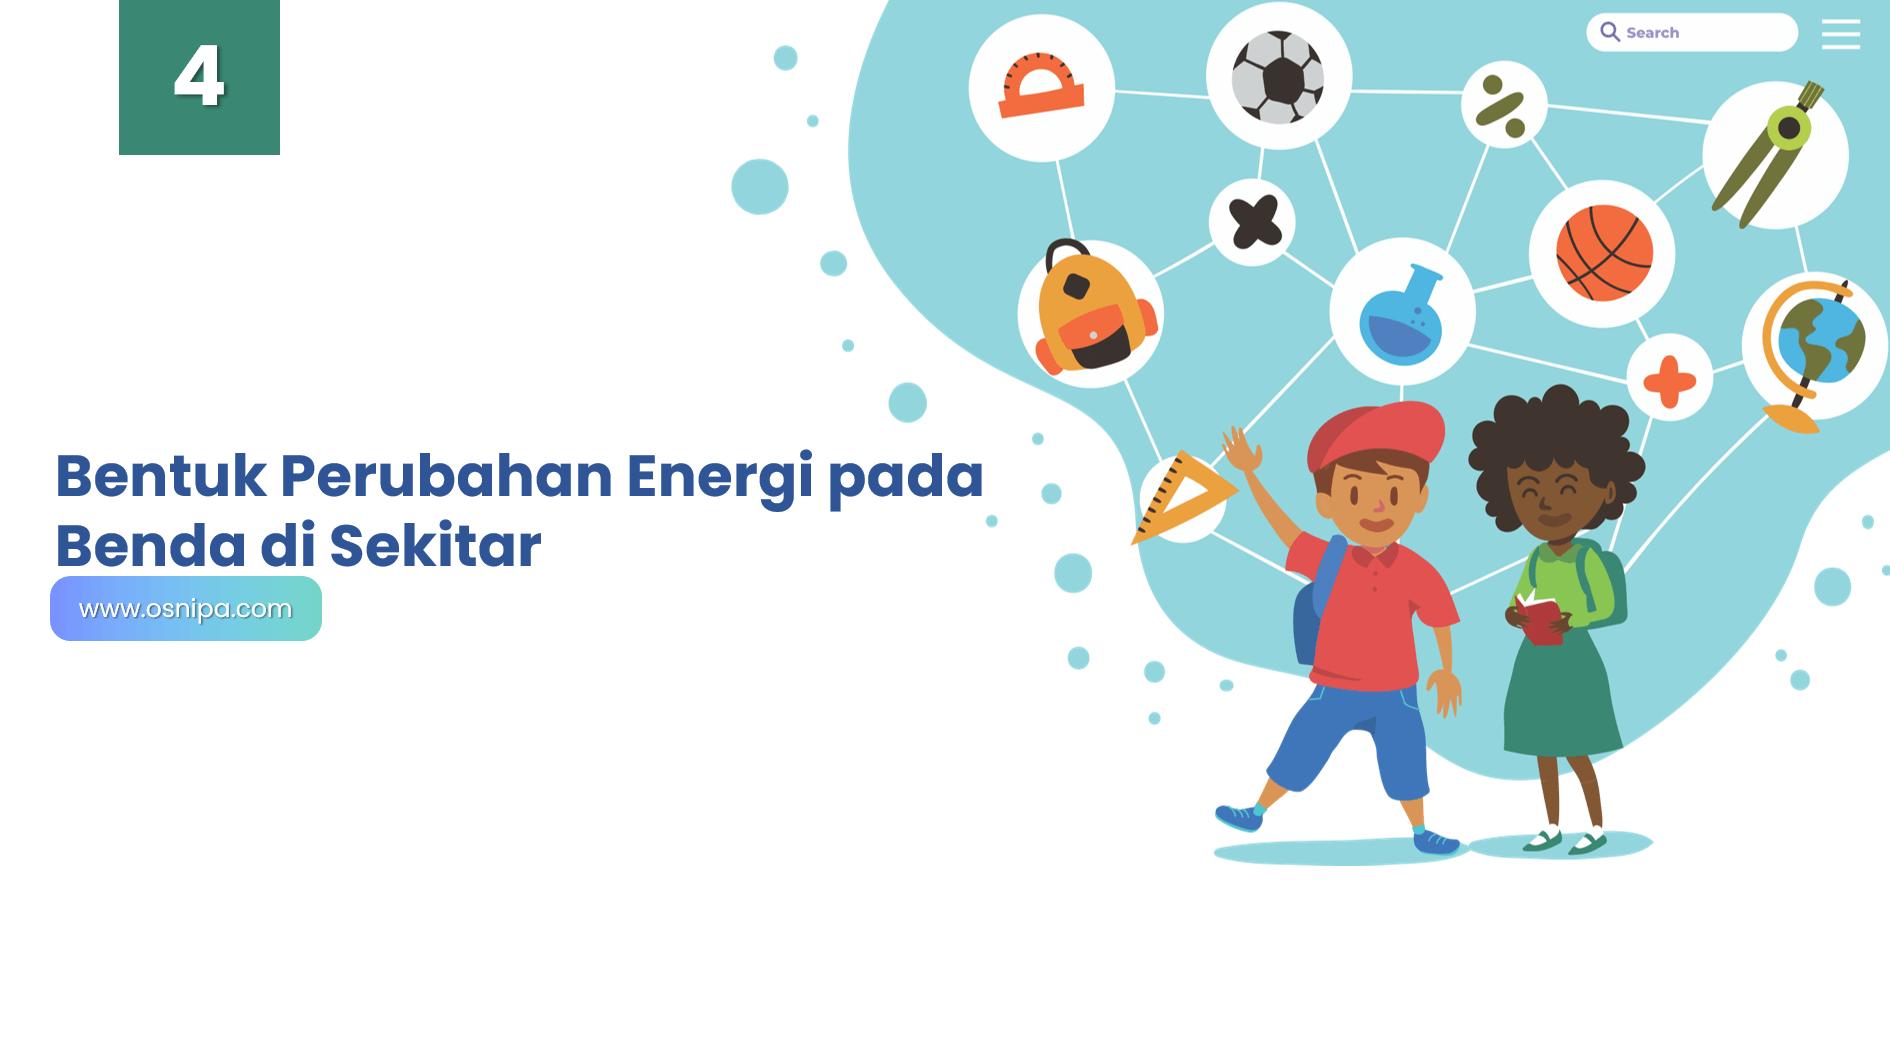 Bentuk Perubahan Energi pada Benda di Sekitar